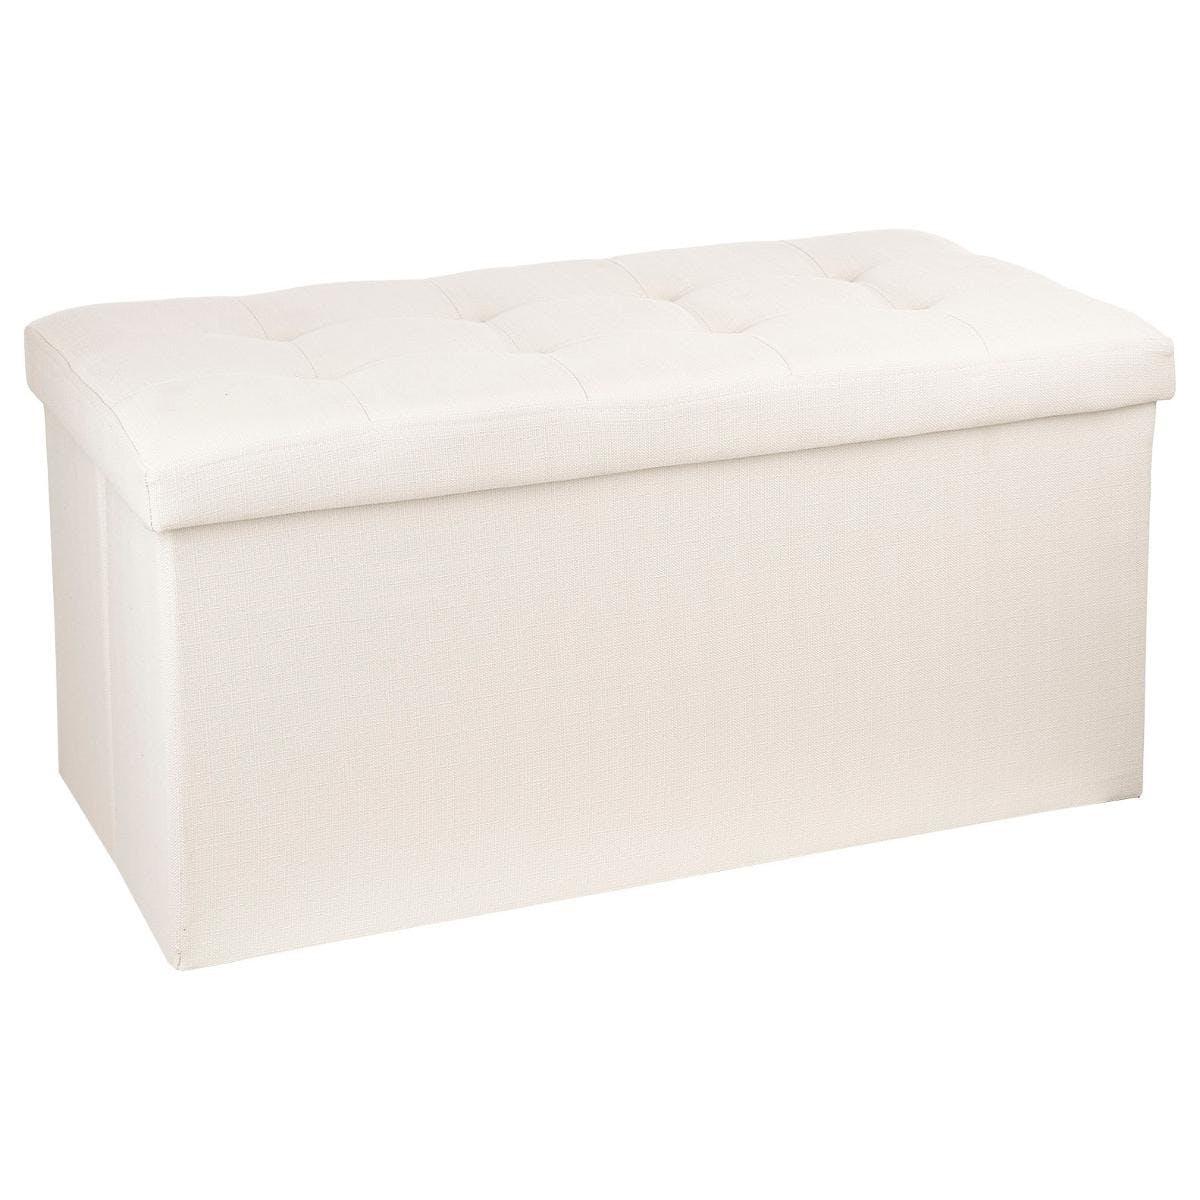 Banc coffre de rangement pliant avec revêtement en tissu beige et structure en MDF 76X38X38cm